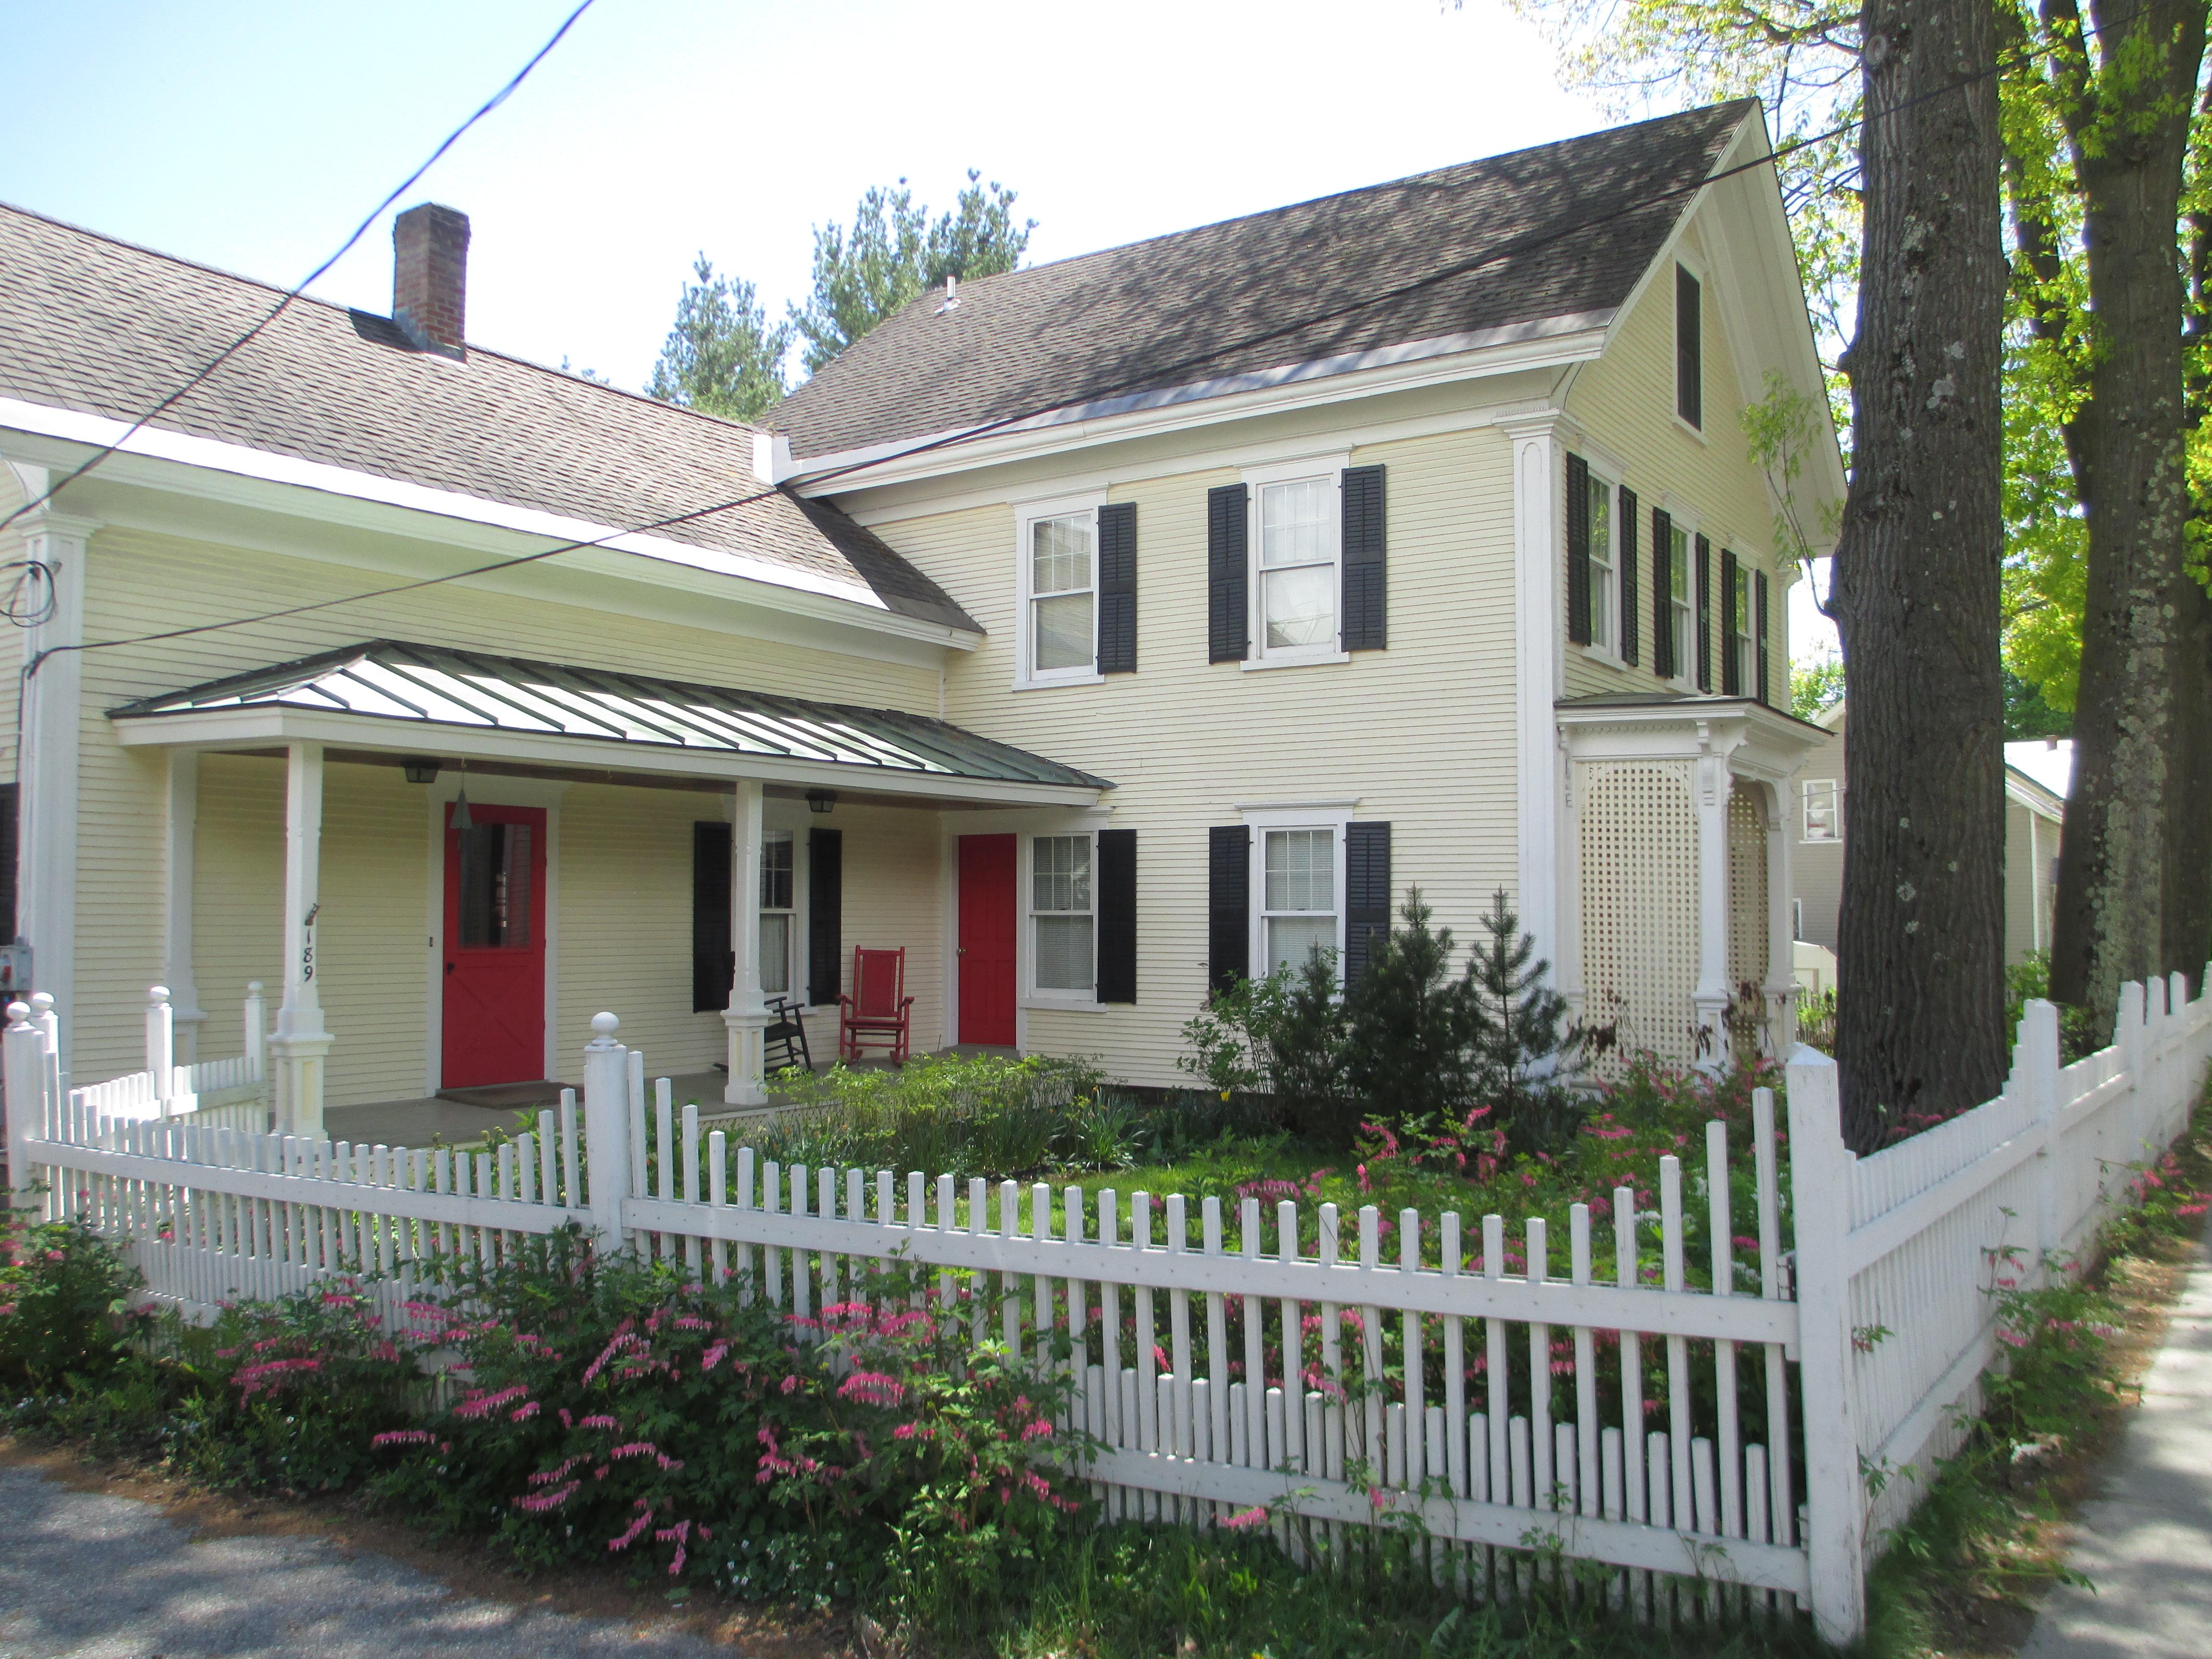 獨棟家庭住宅 為 出售 在 189 Main St, Richford Richford, 佛蒙特州 05476 美國